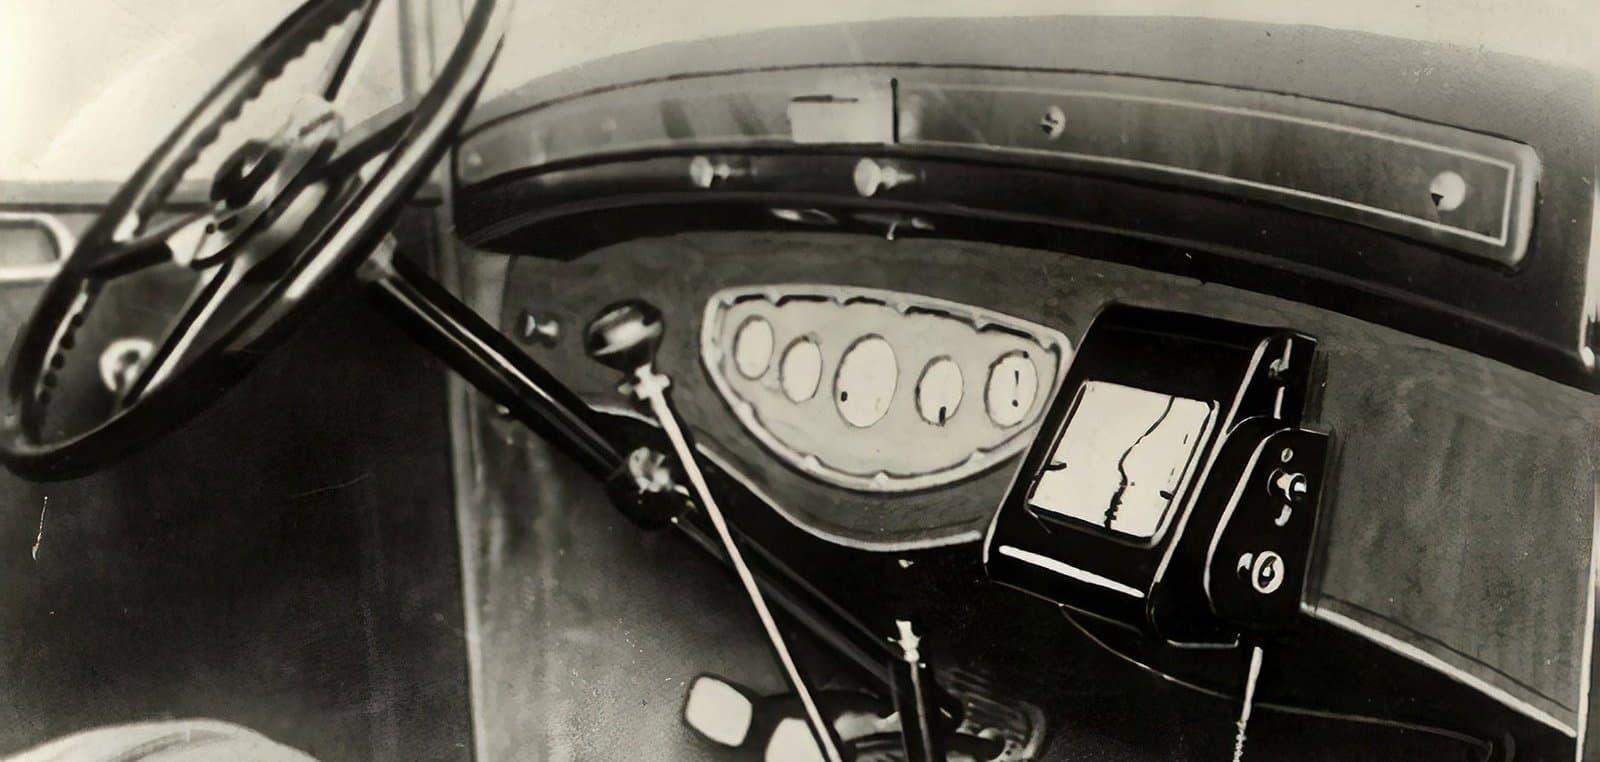 Автомобильные навигаторы доспутниковой эпохи